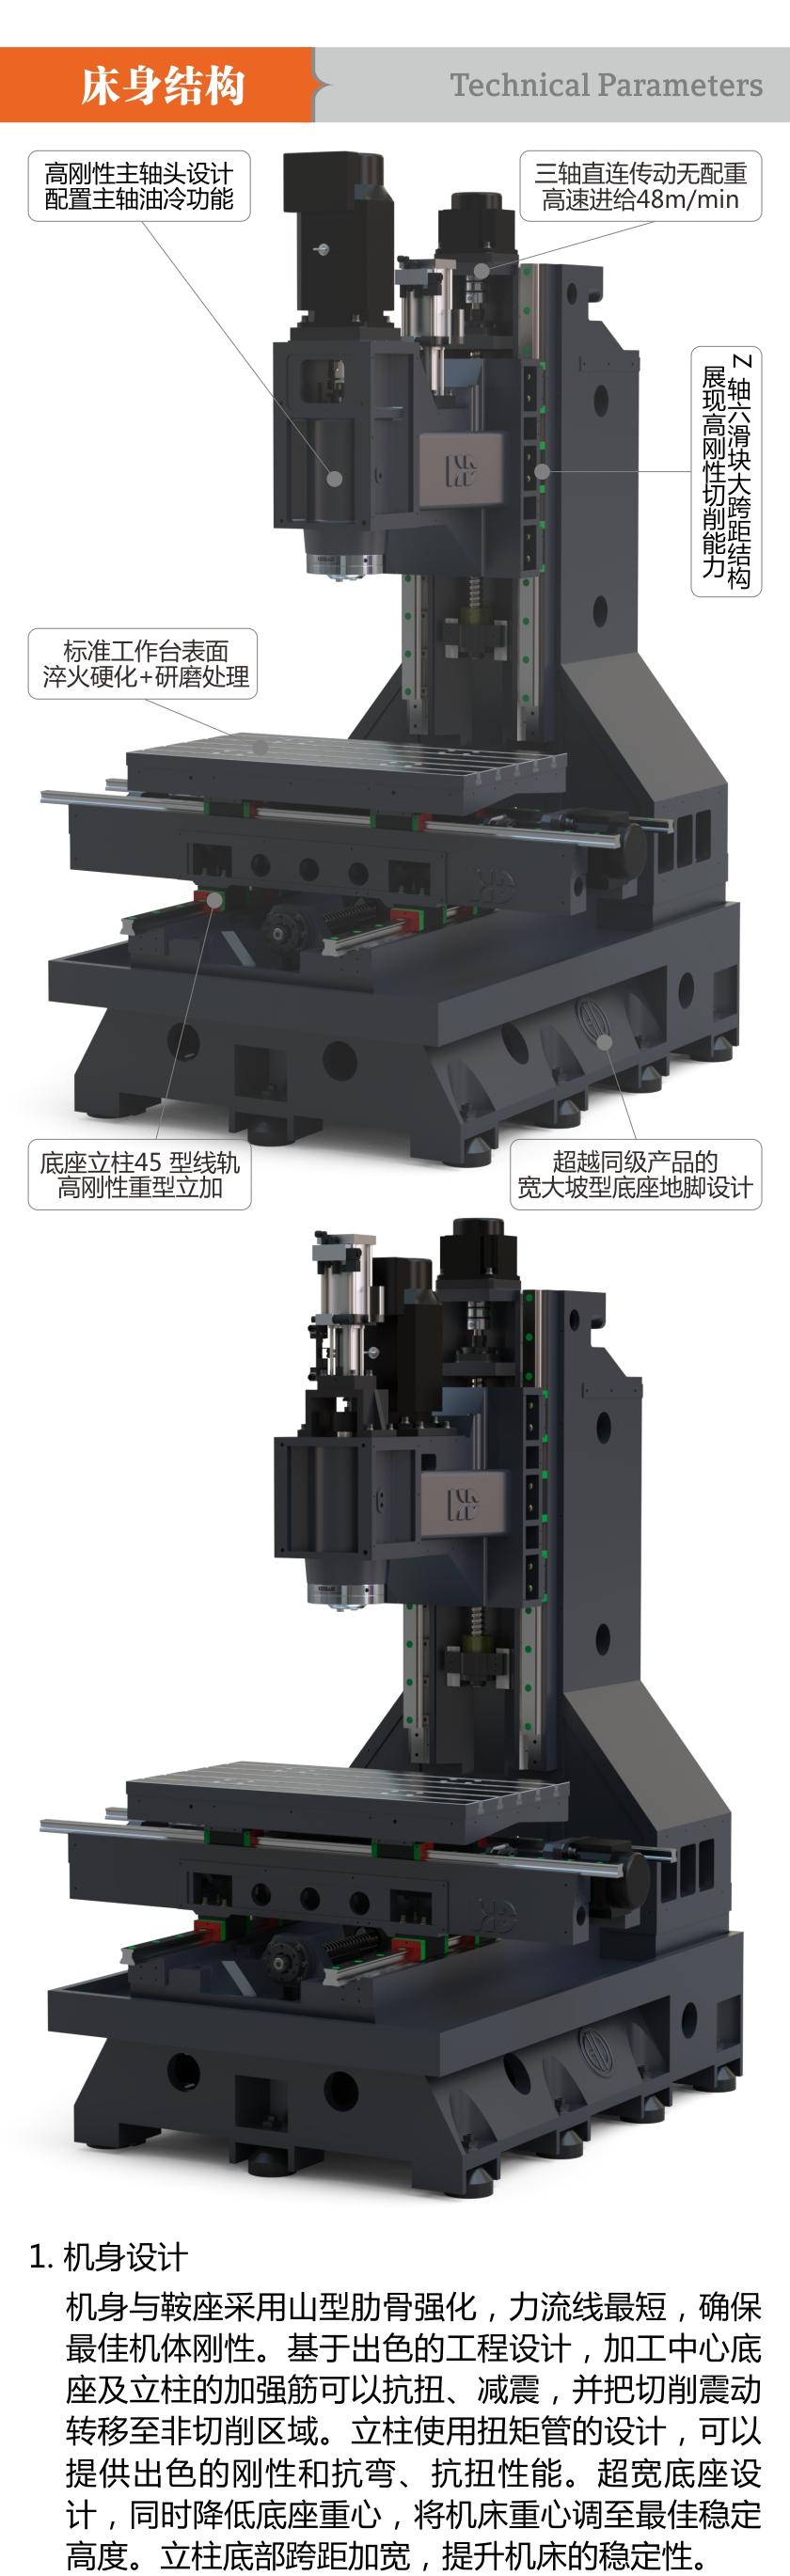 HD-V8F 高刚性三轴线轨立加